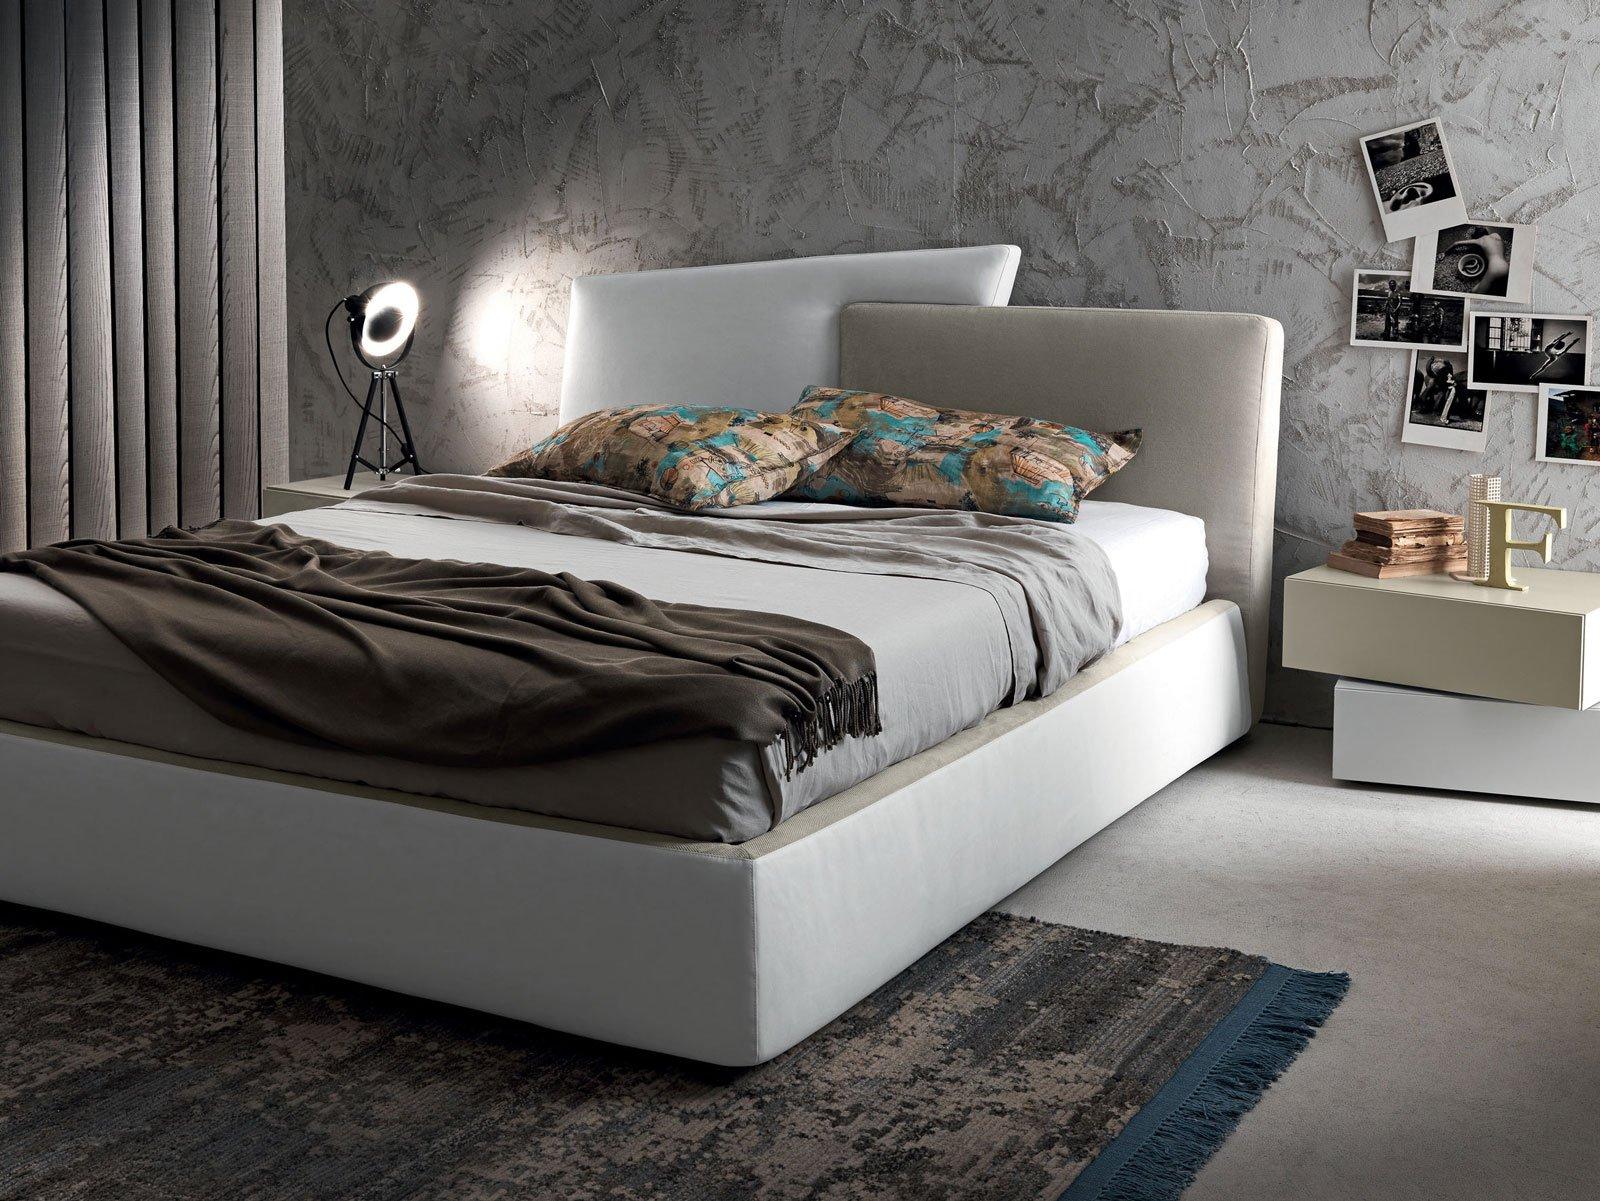 Letti tessili a parete e anche a centro stanza cose di casa - Testiera letto imbottita ...